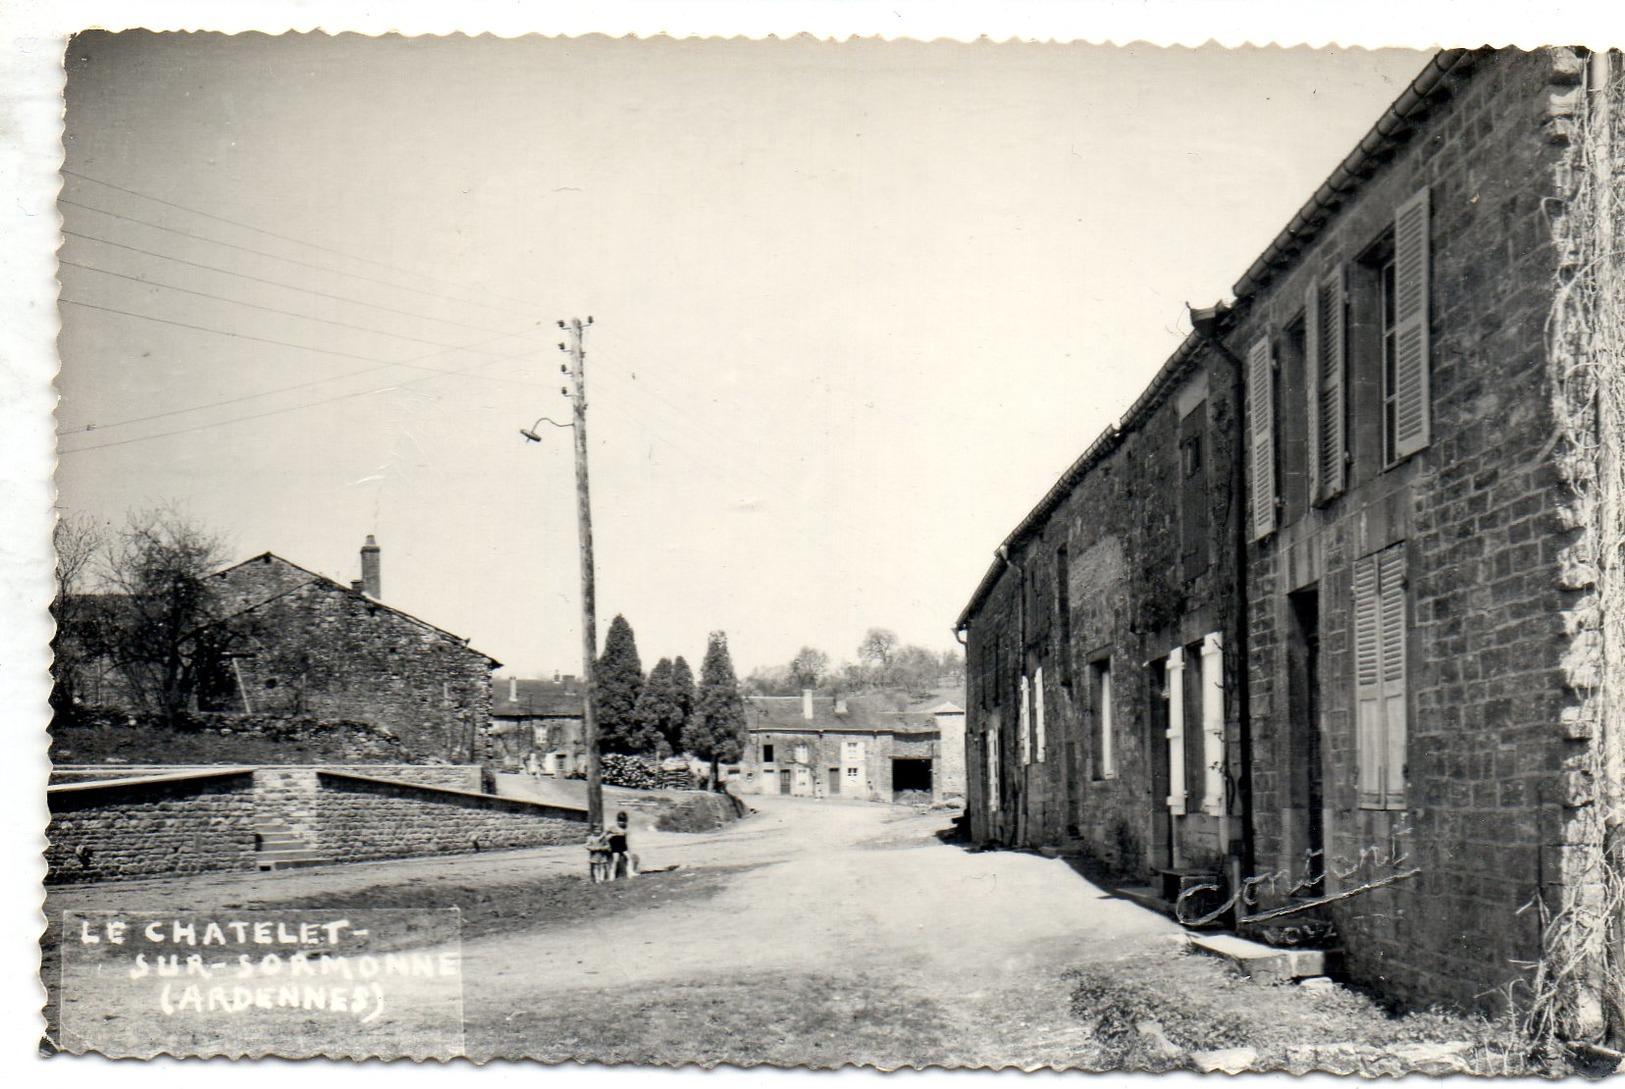 Le Chatelet Sur Sormonne - France